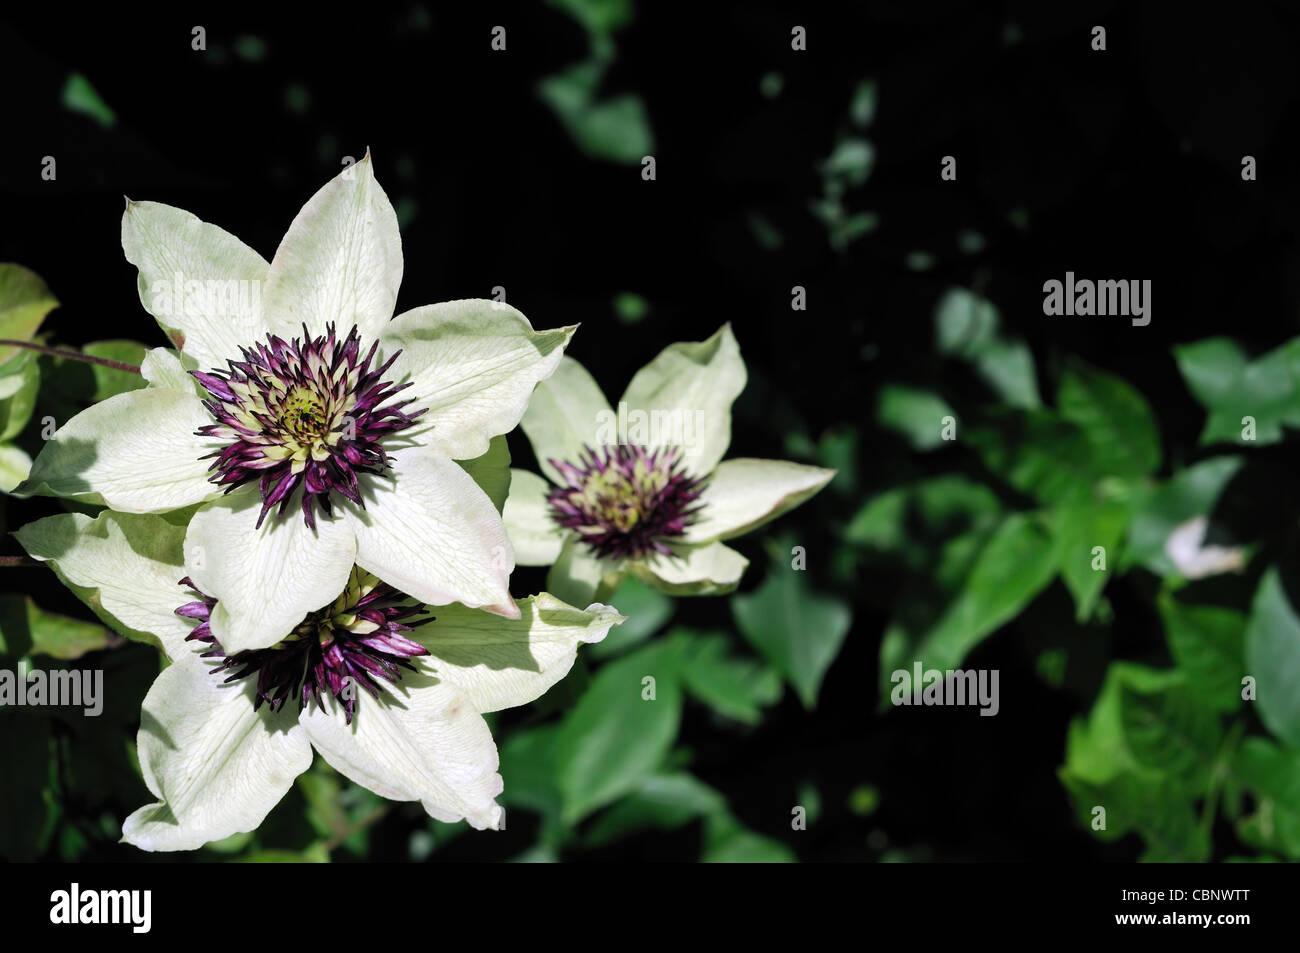 Clematis Sieboldii Florida Viola Fiori Bianchi Completamente A